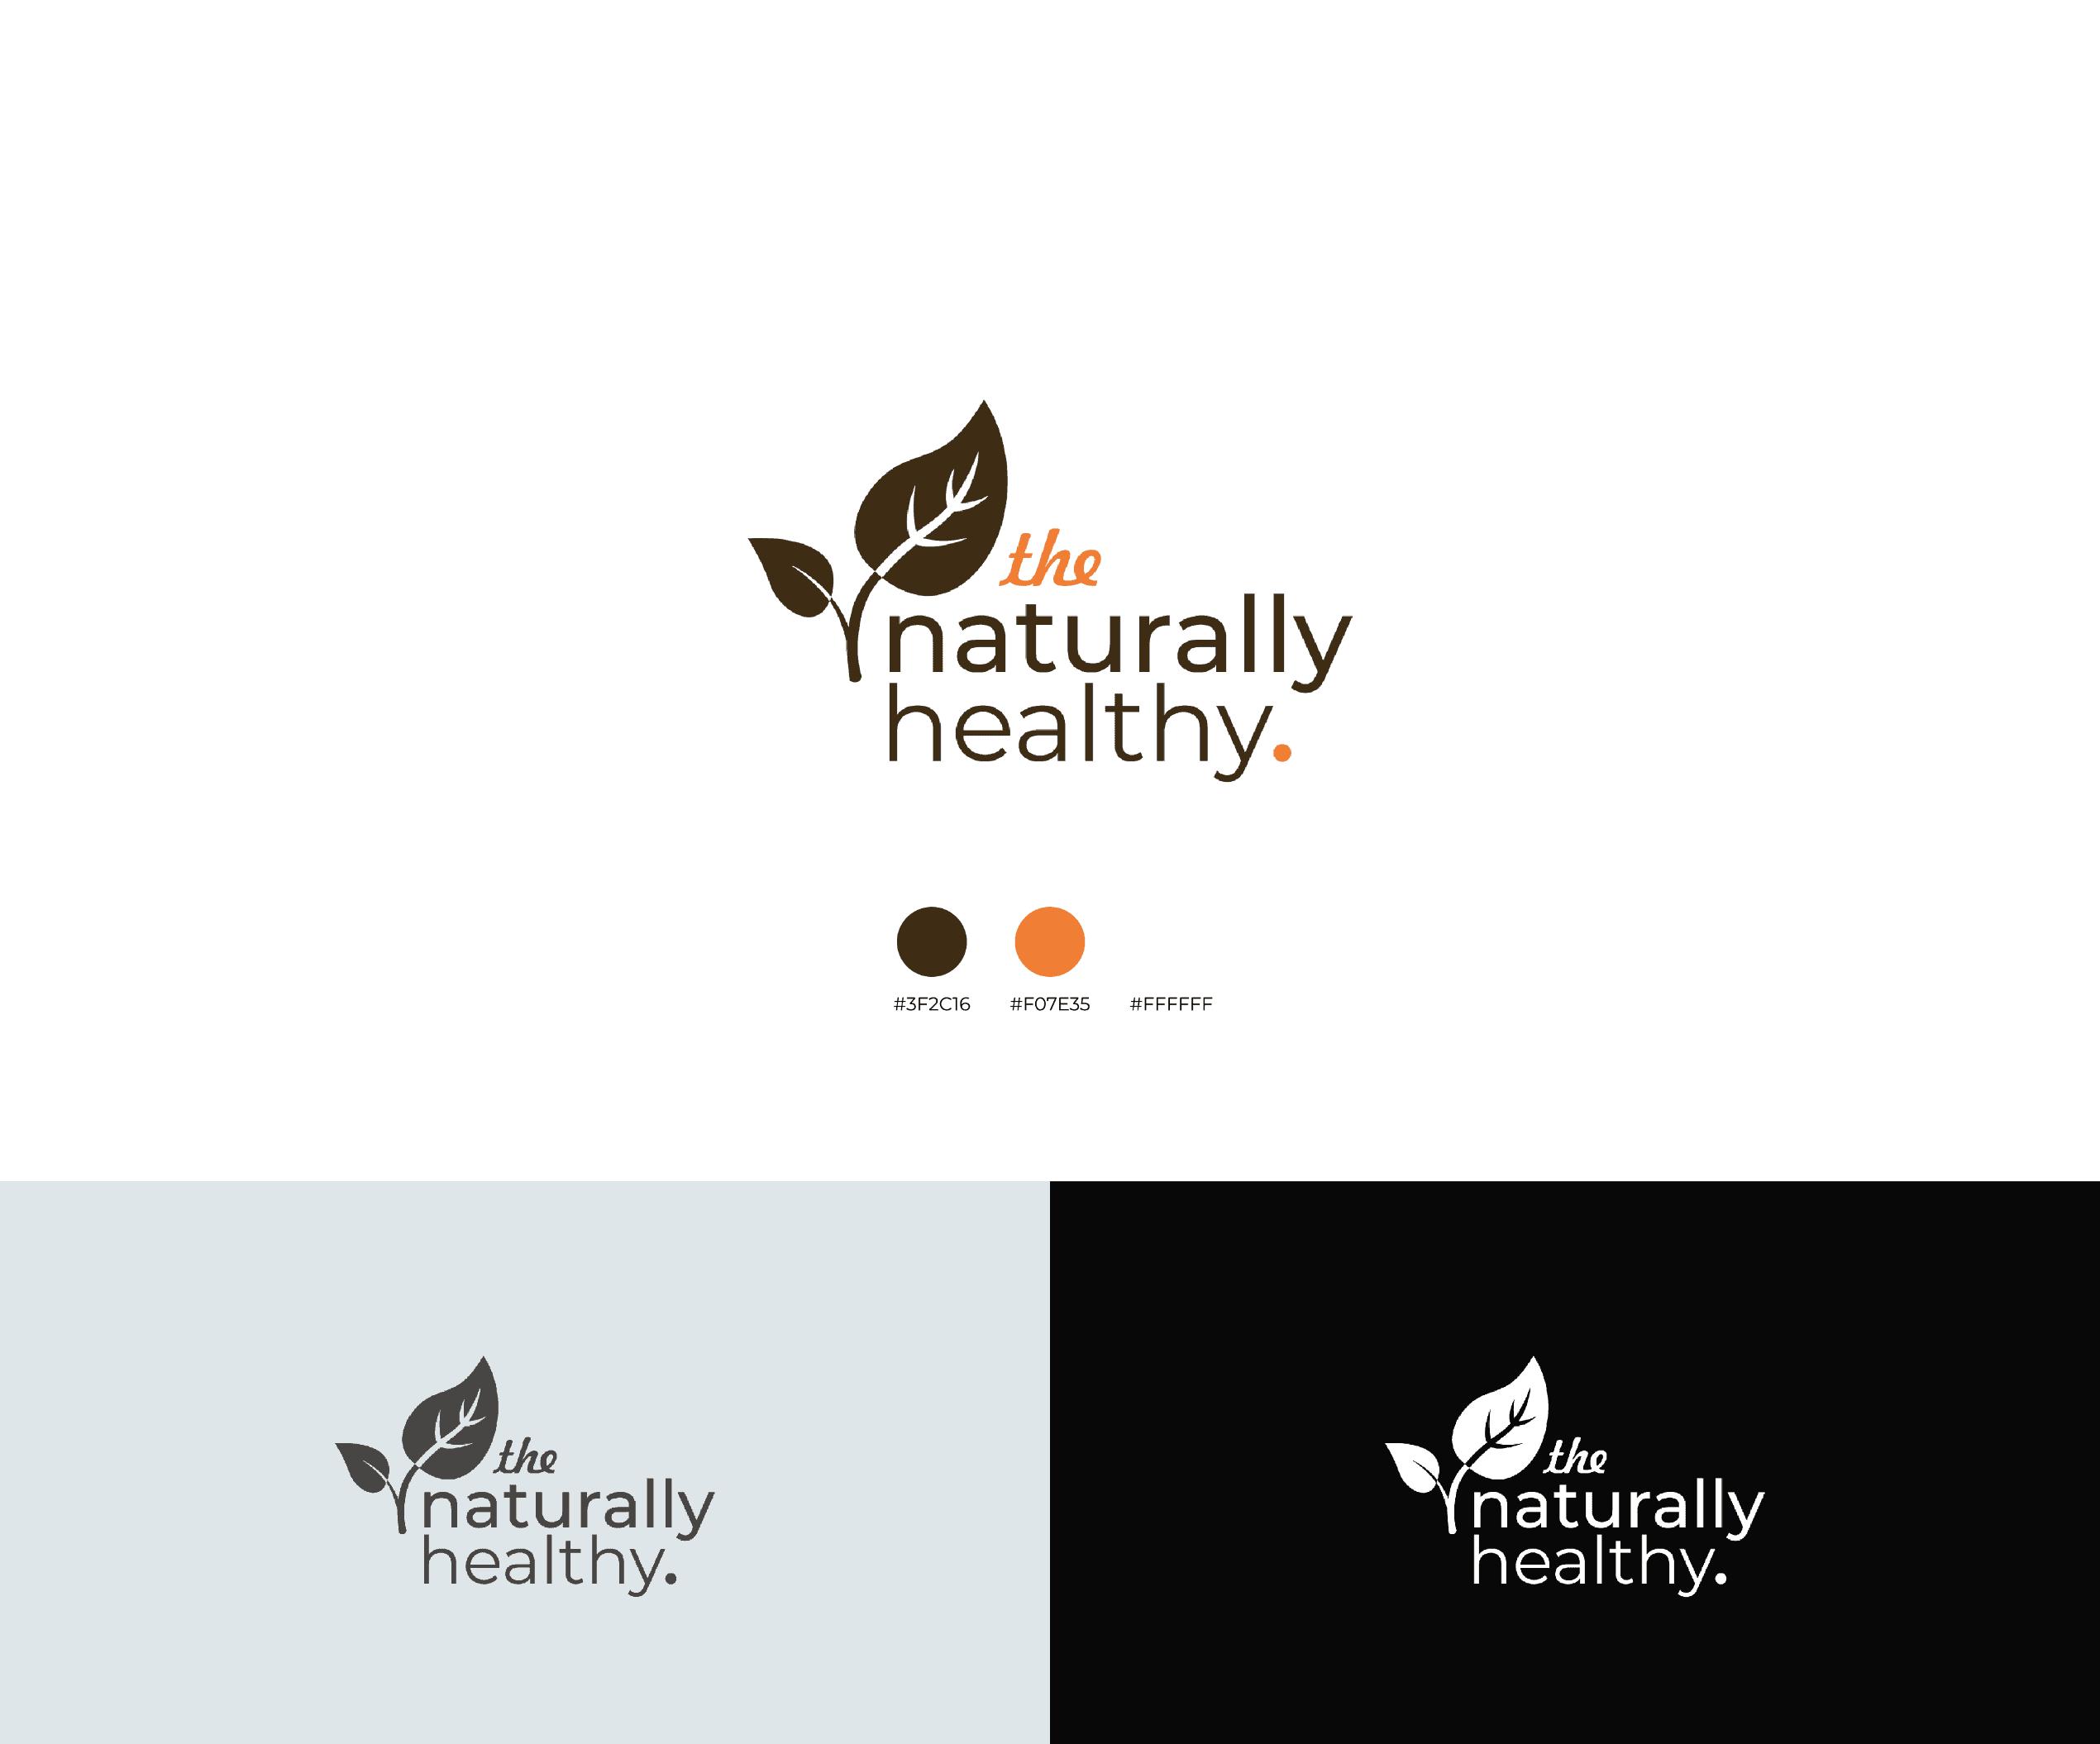 liebespixel-agentur-kirchheim-naturally-healthy-logo-1